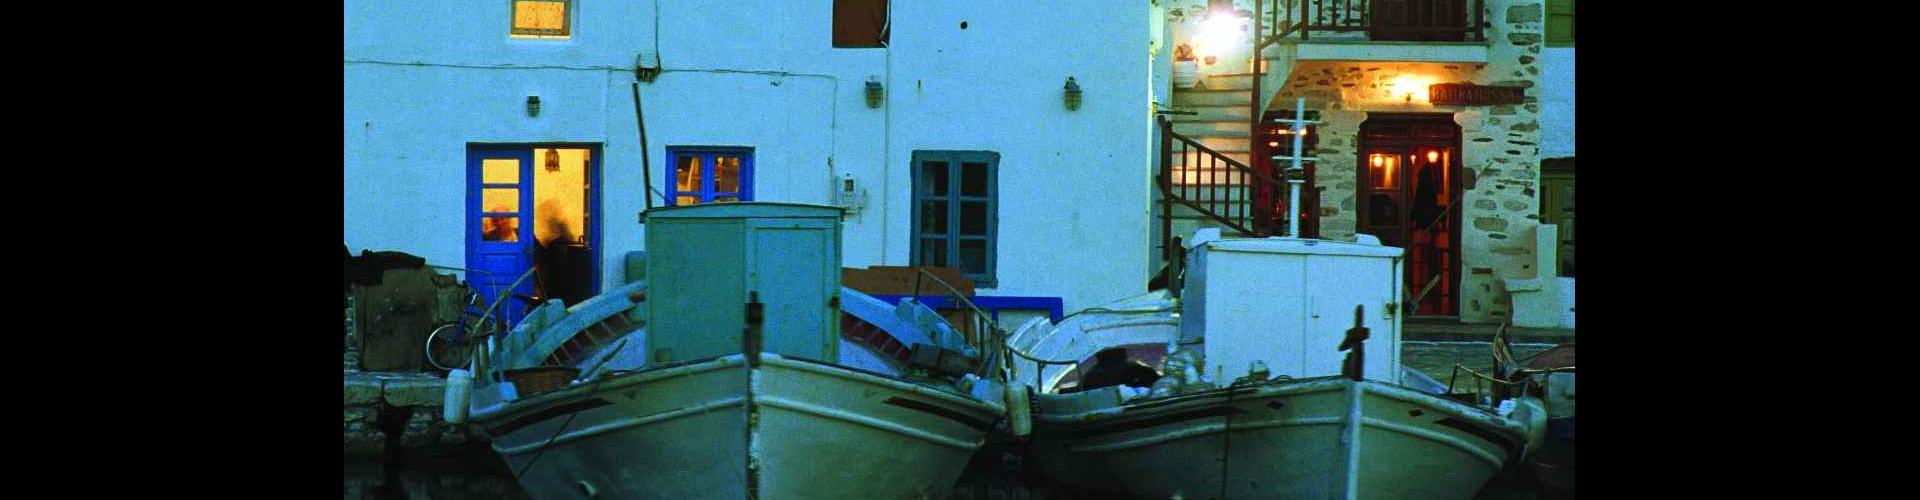 Στο λιμάνι της Νάουσας